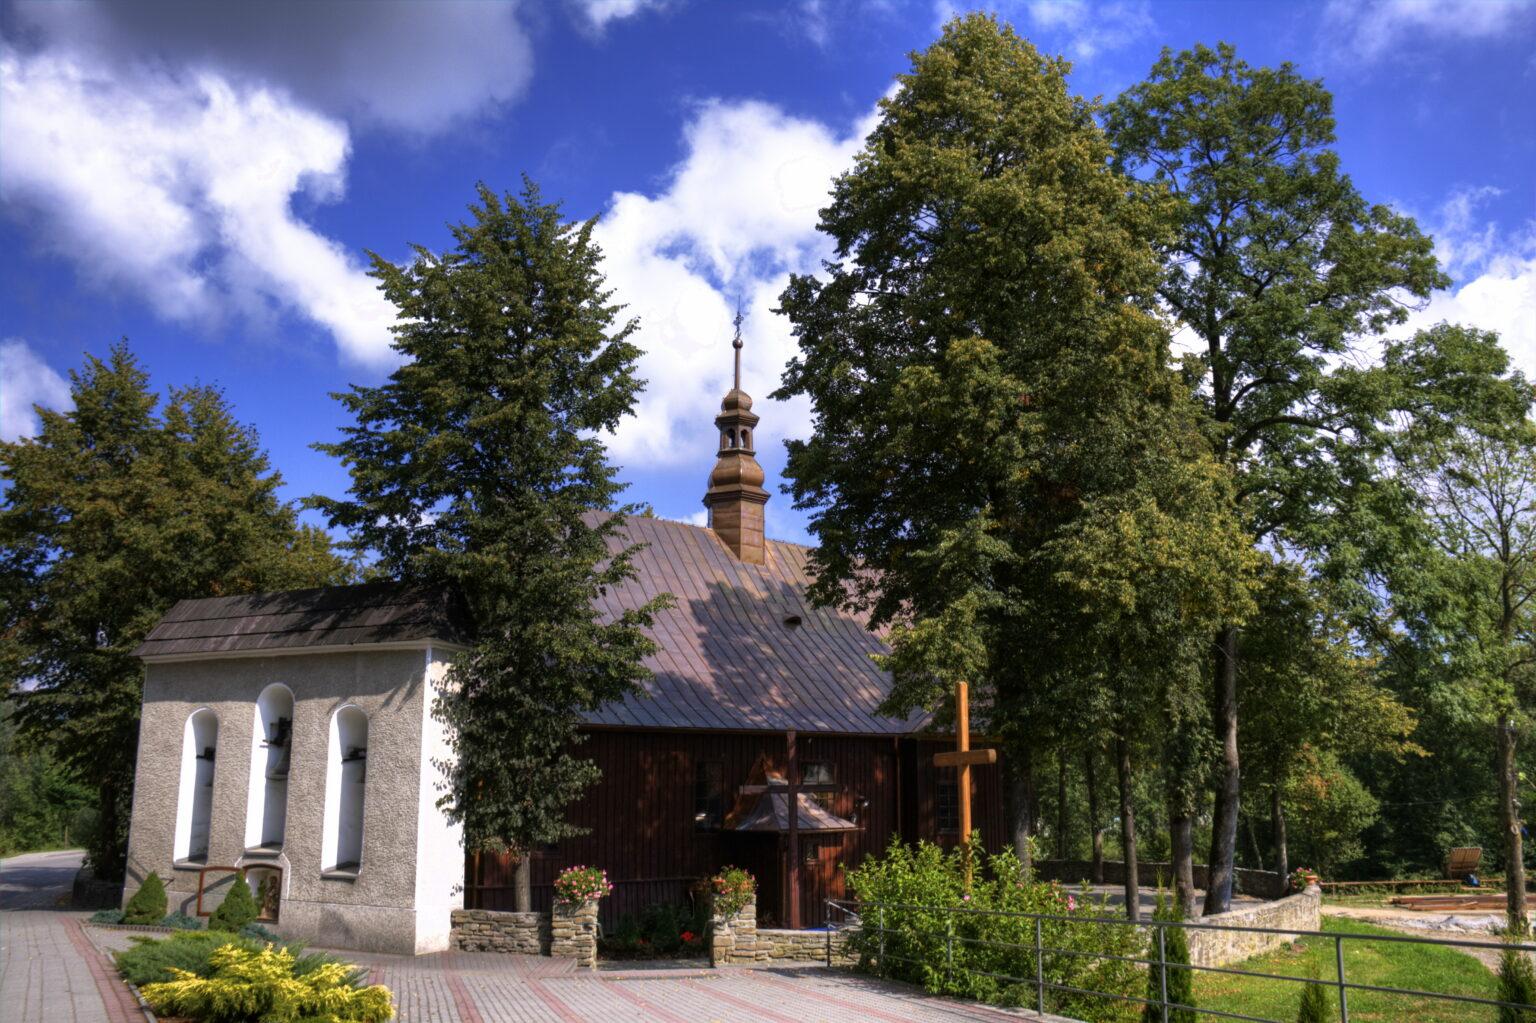 Zabytkowy kościół św. Andrzeja Apostoła